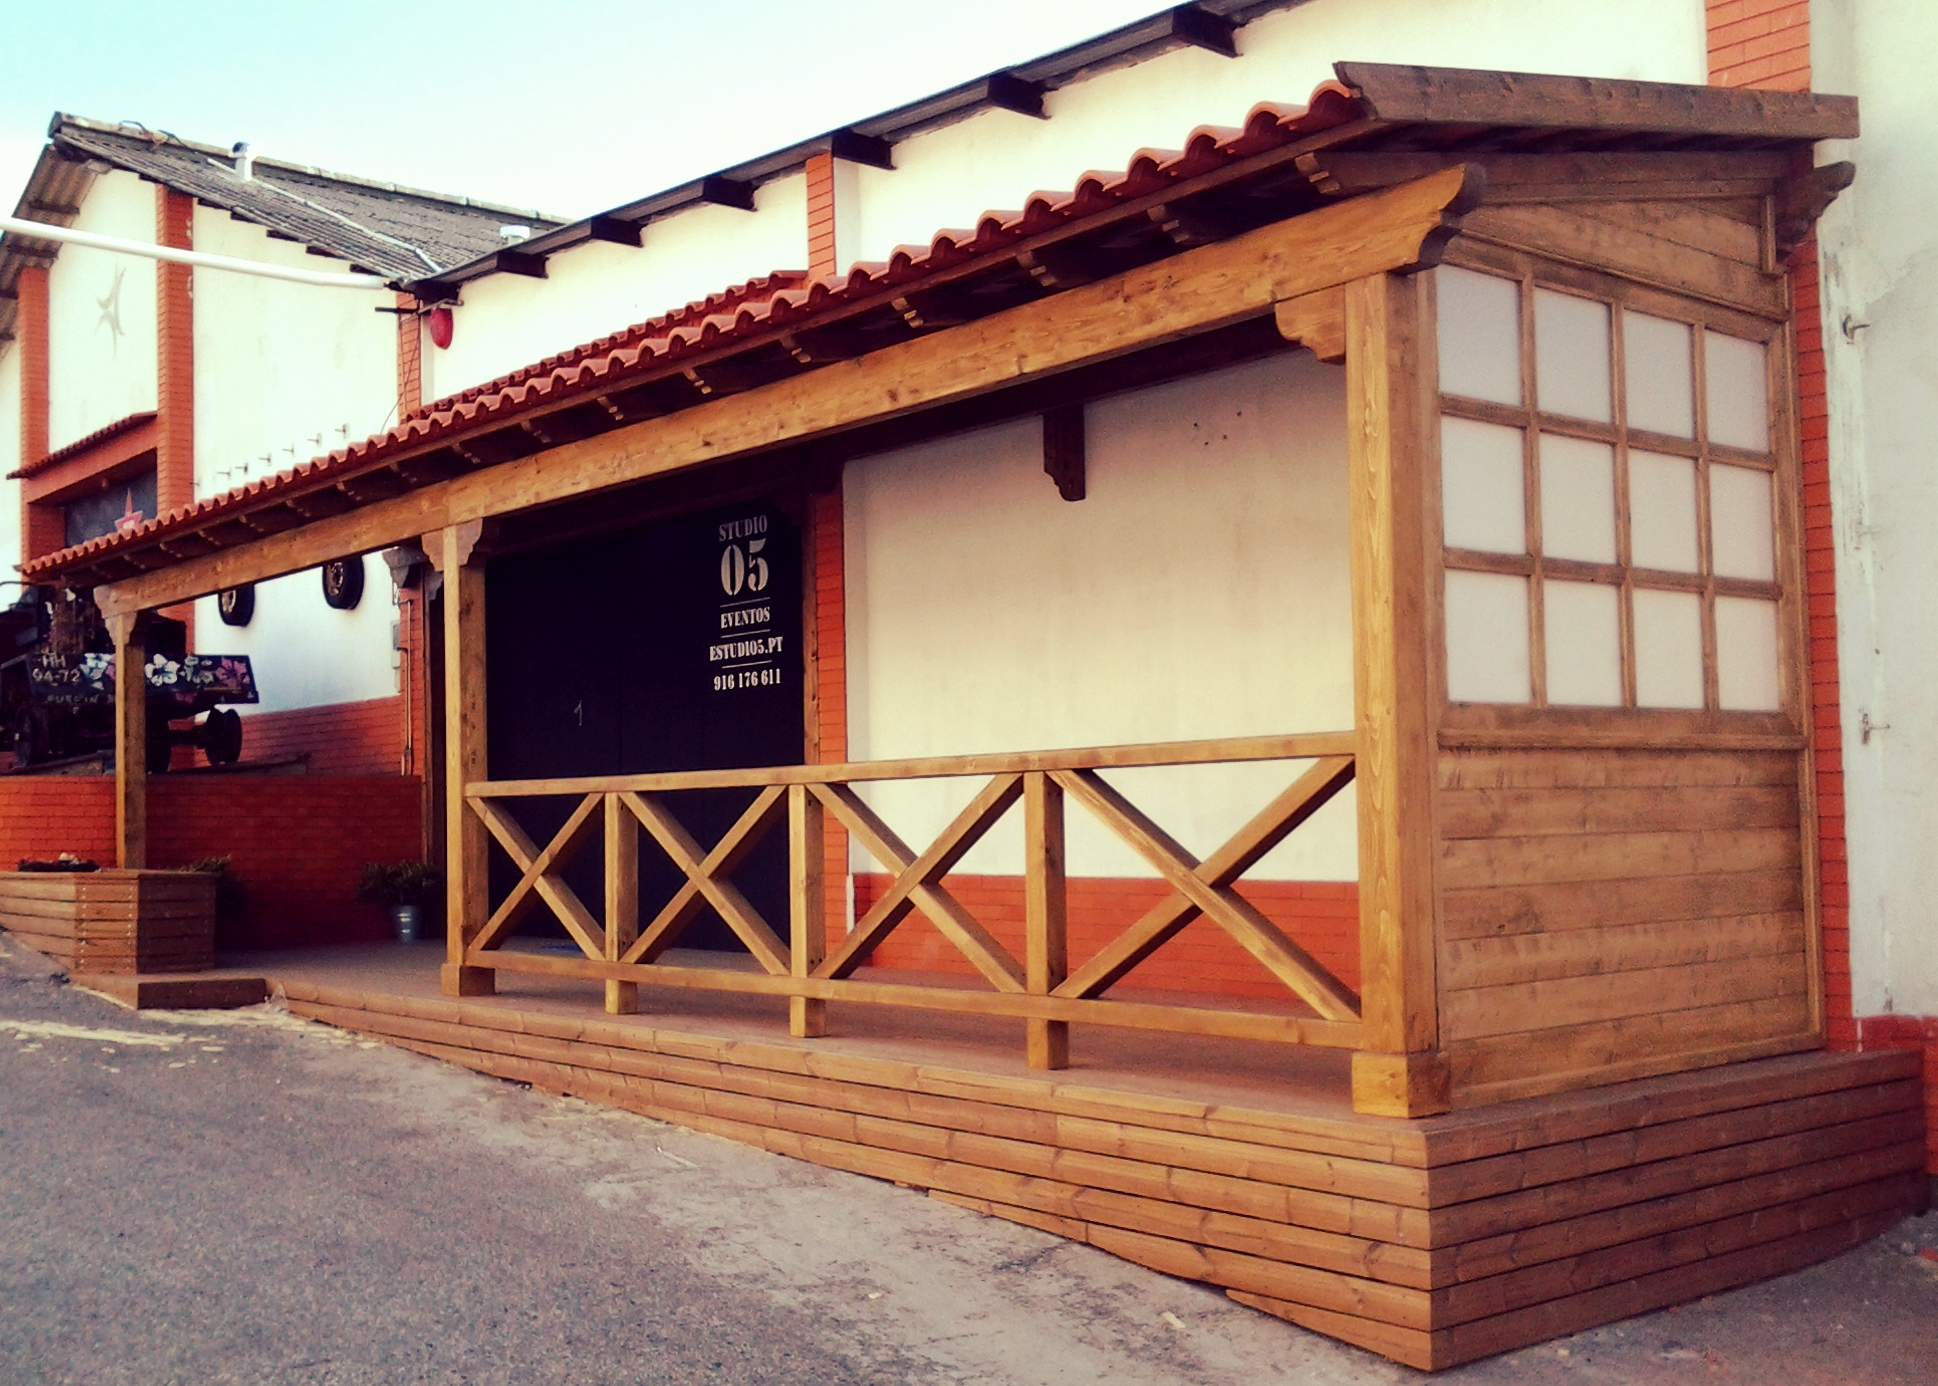 telheiros-madeira-pergolas-deck-terraços-varandas-estruturas madeira-jardim-decoração-vedações-vidro